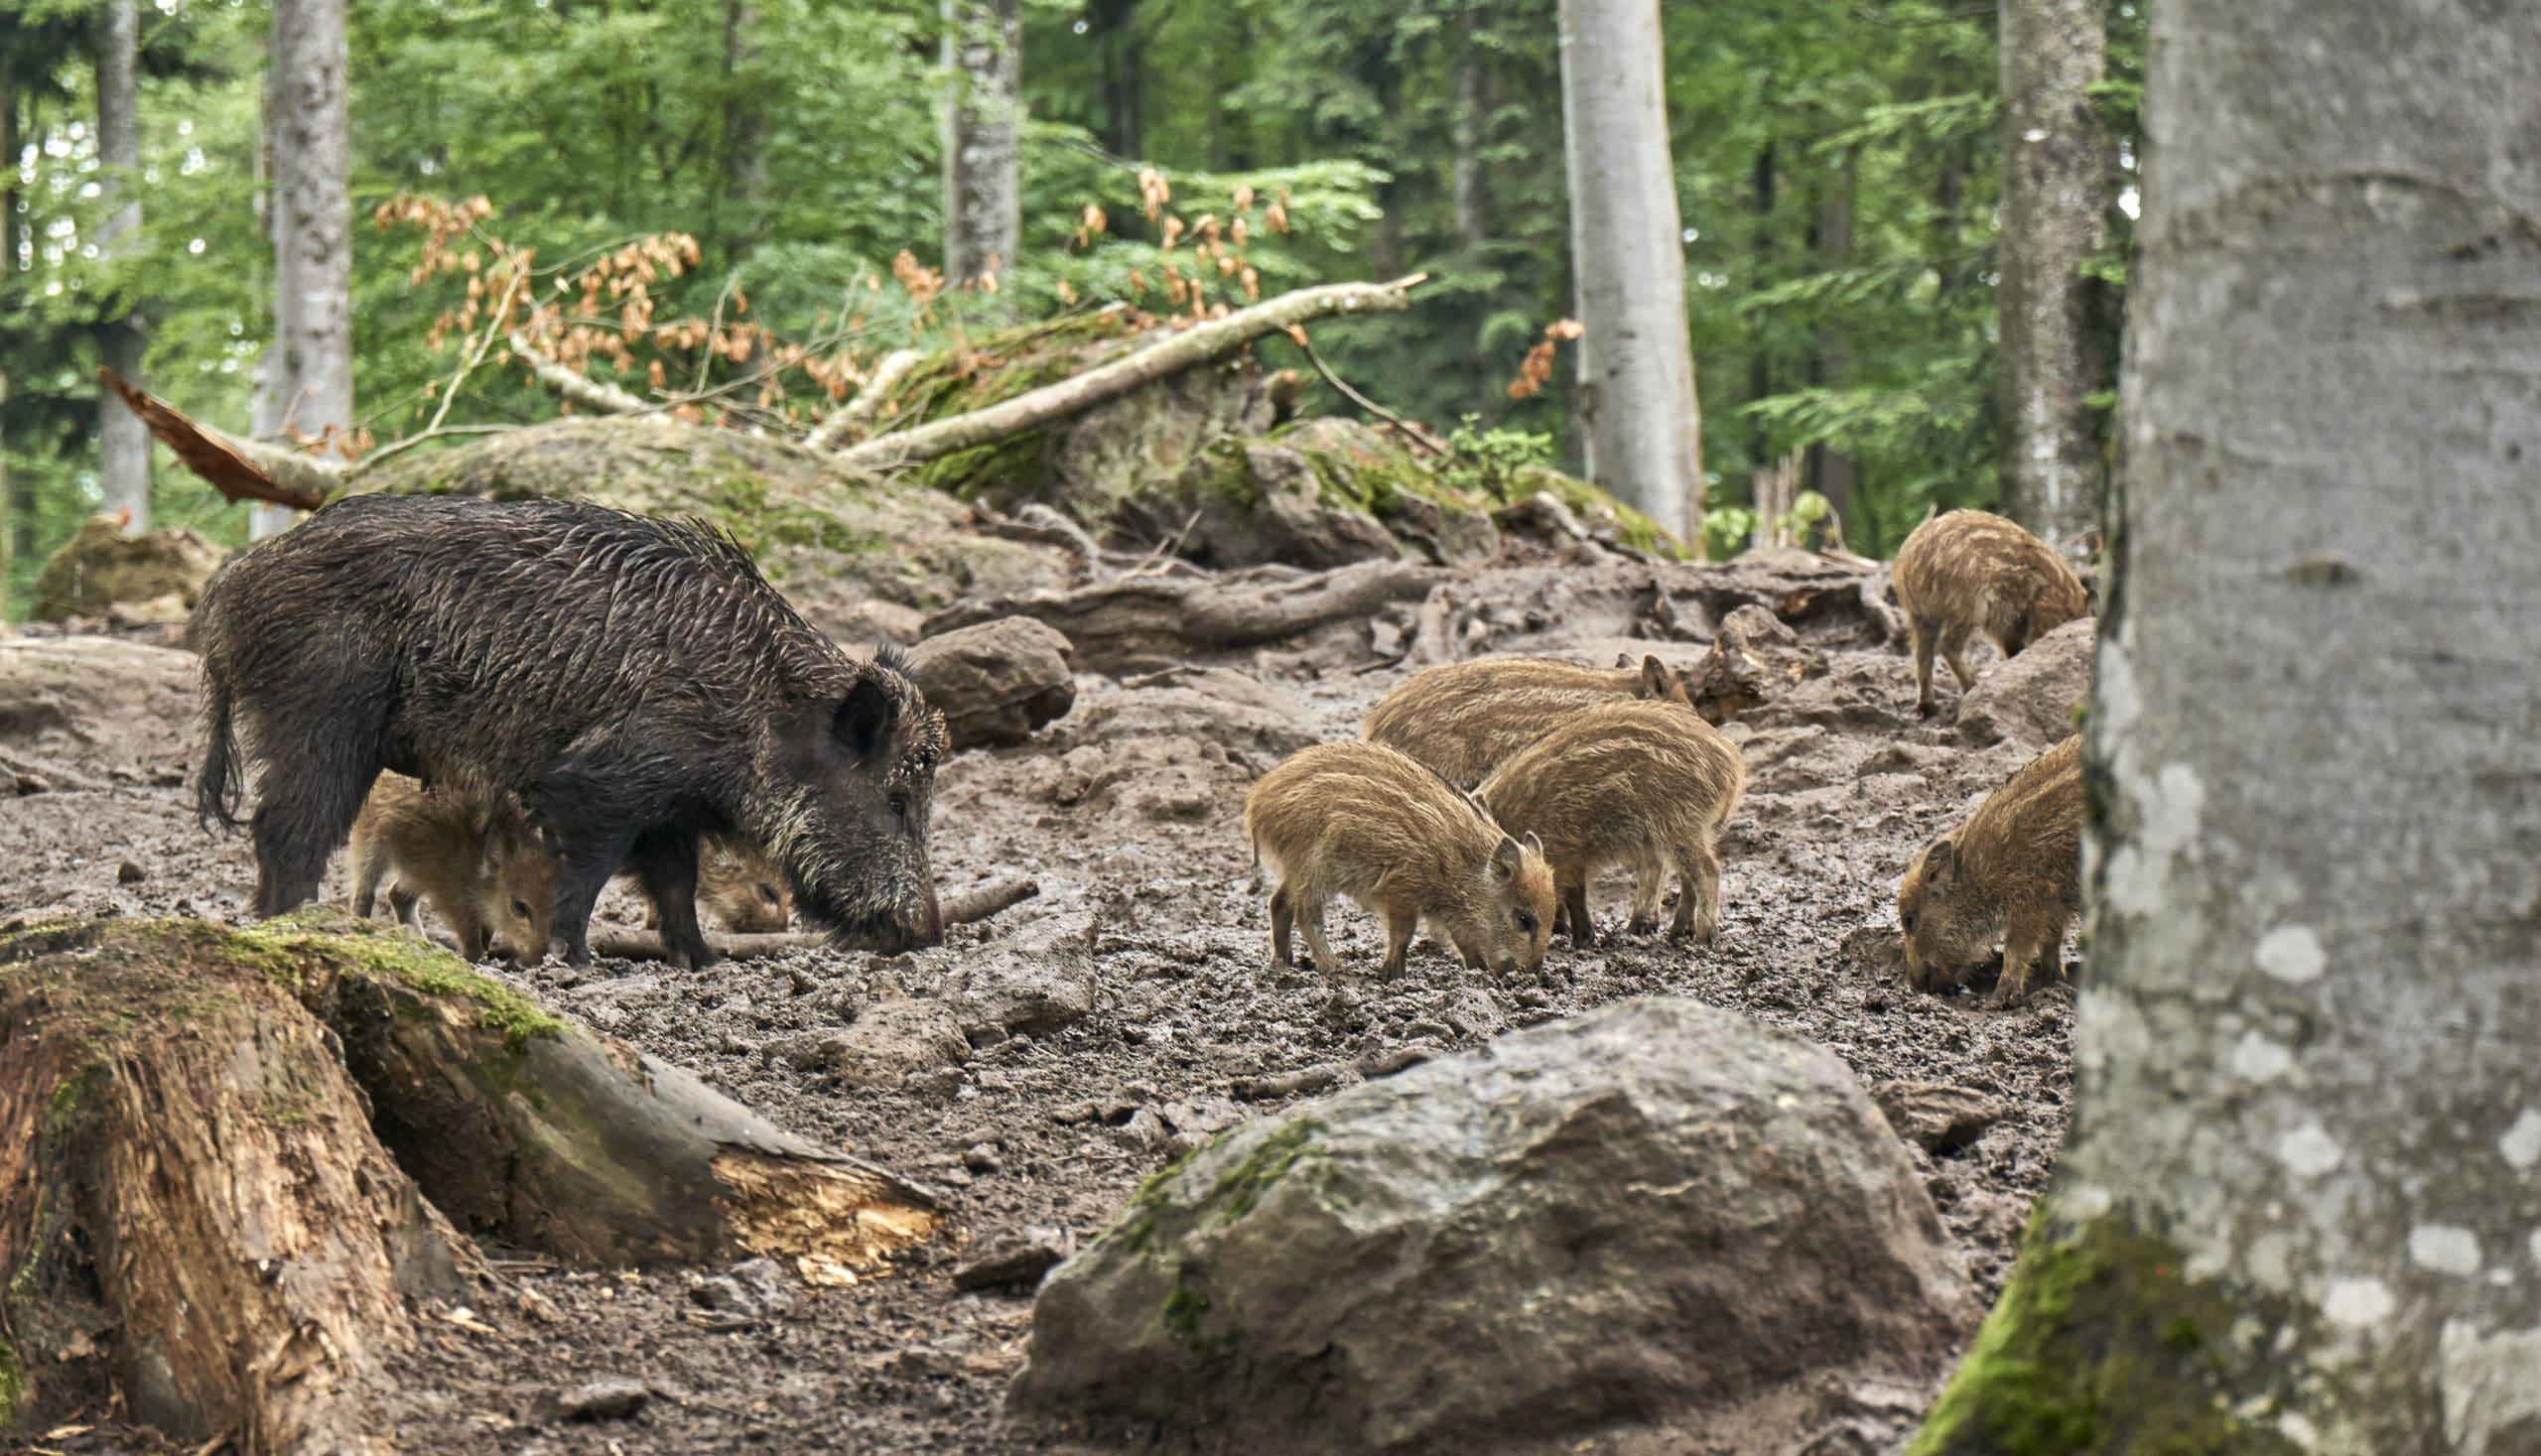 Wildschweine im Tierfreigehege